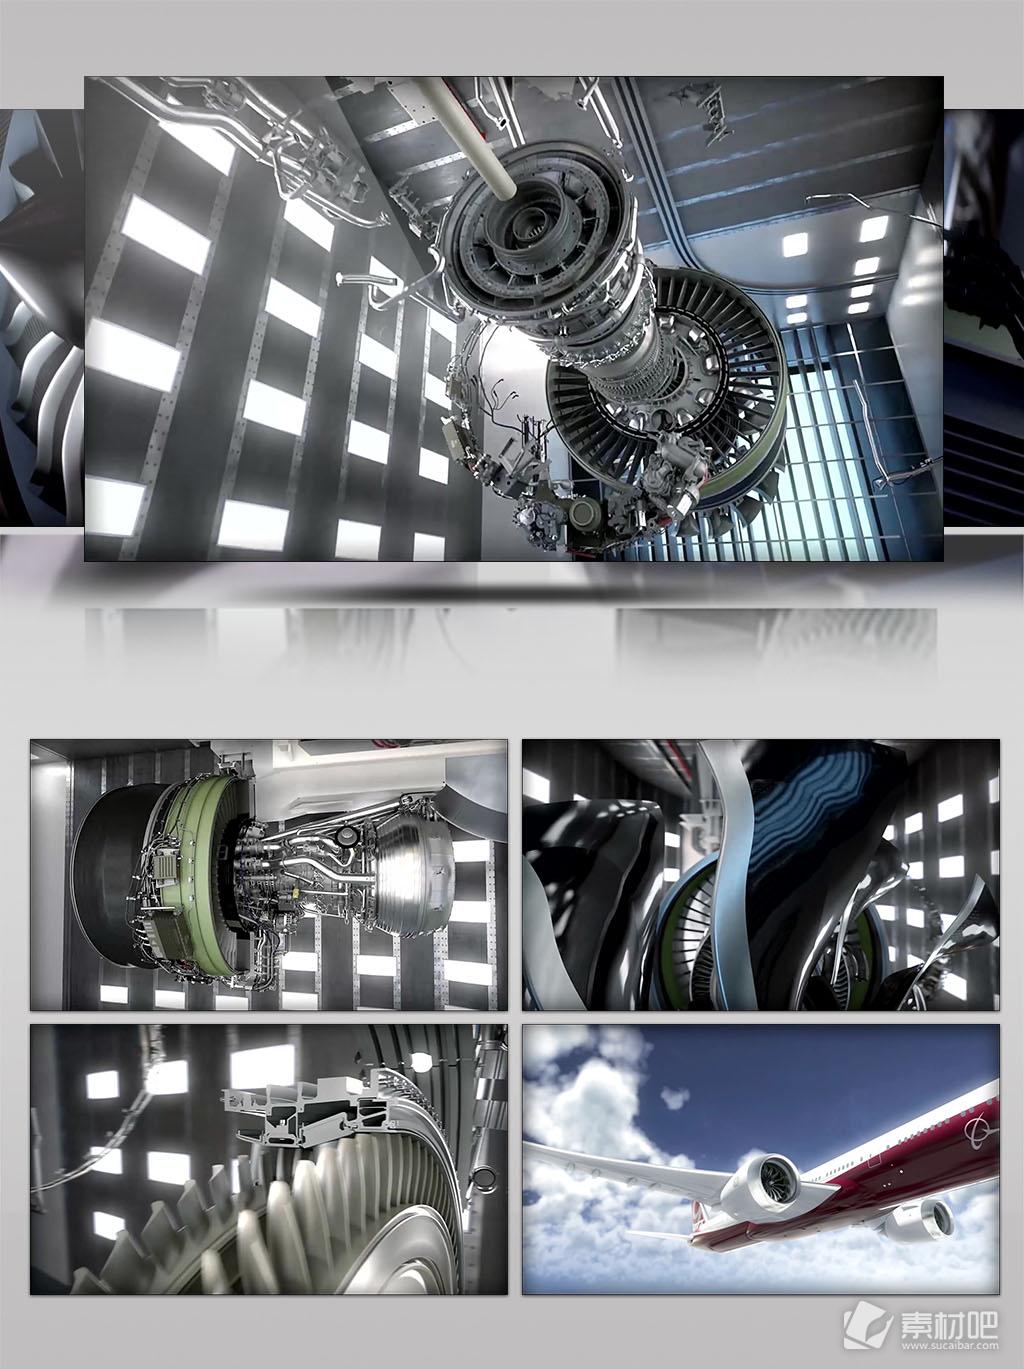 飞机航空发动机工作原理三维仿真动画